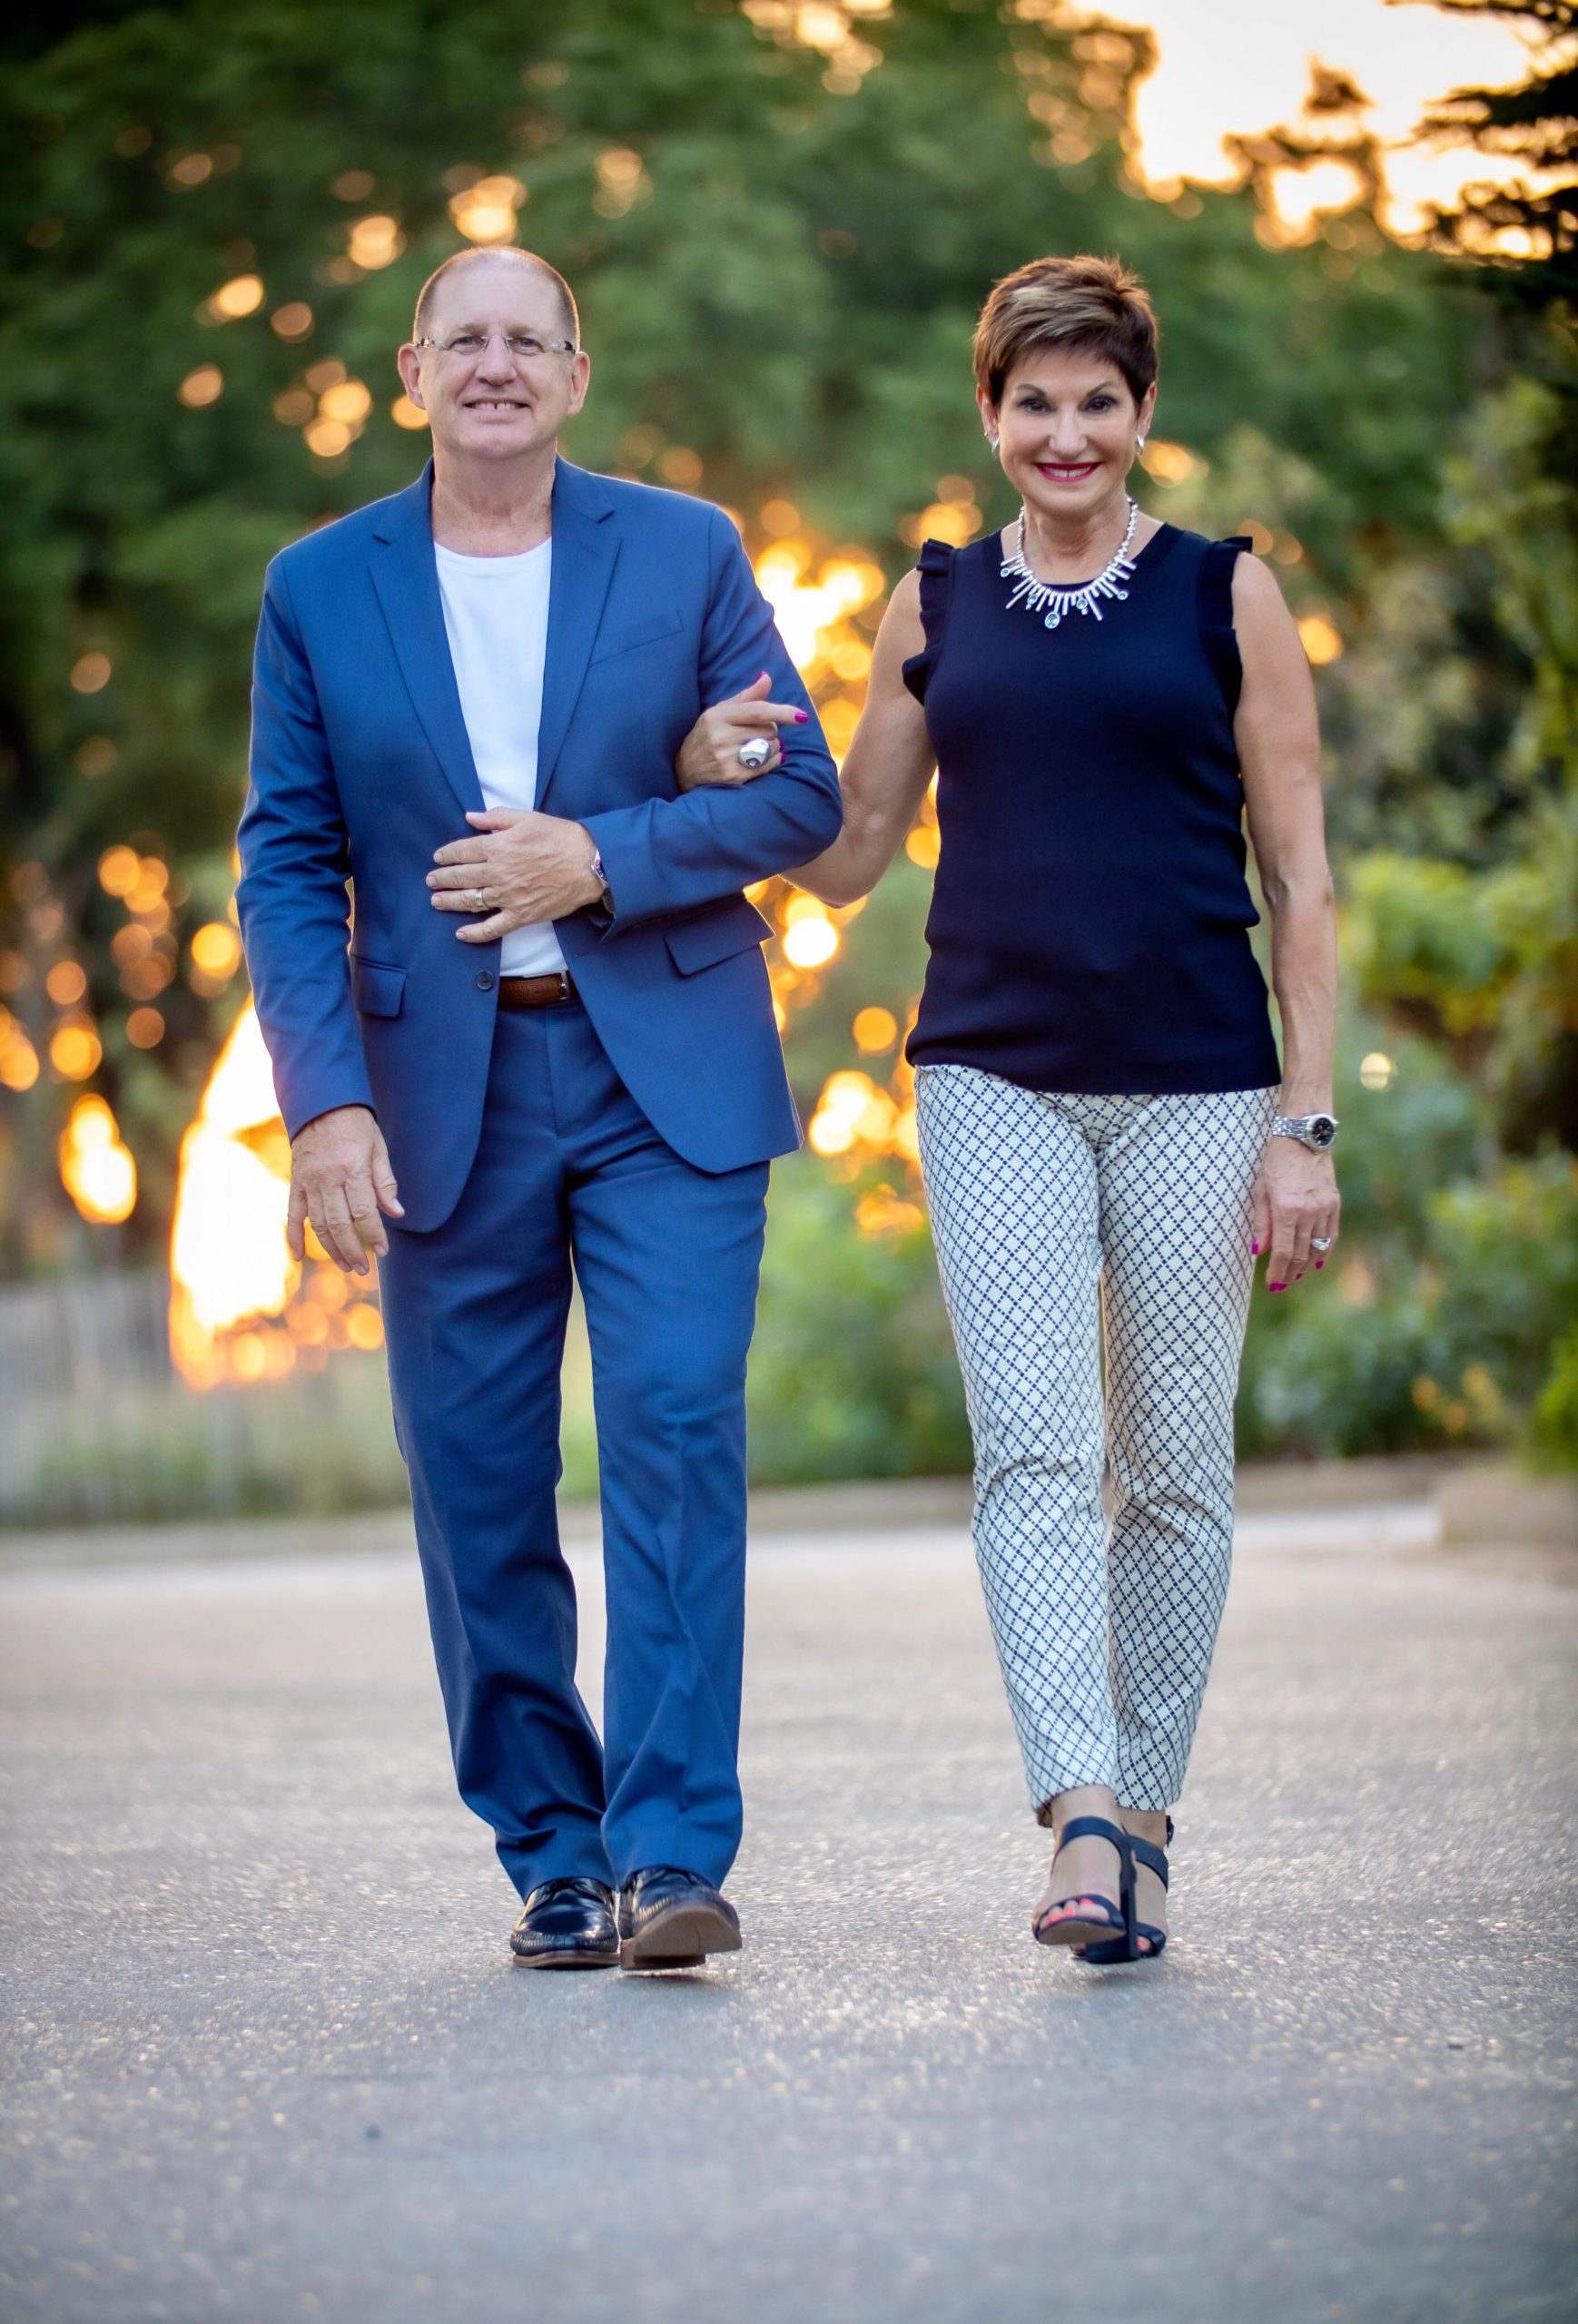 Our Pastors: Joel & Linda Budd